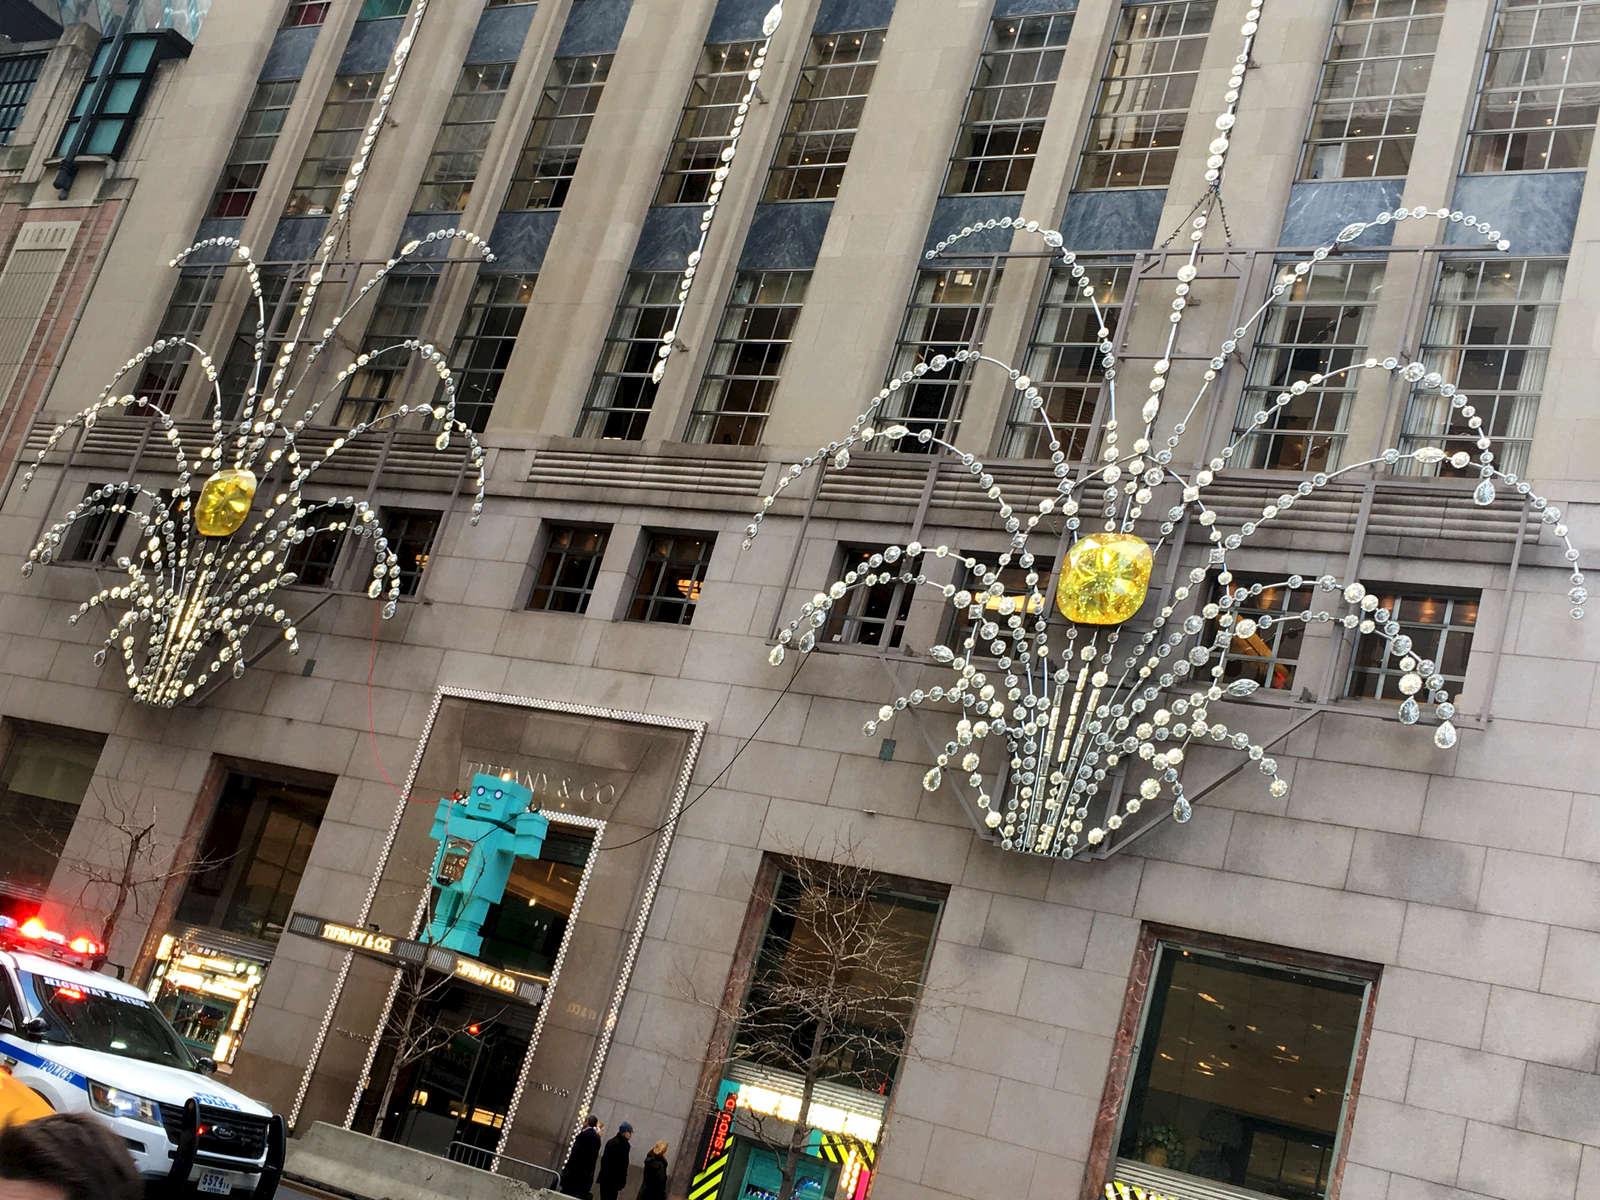 Tiffany's, NYC. Jon Chase photo